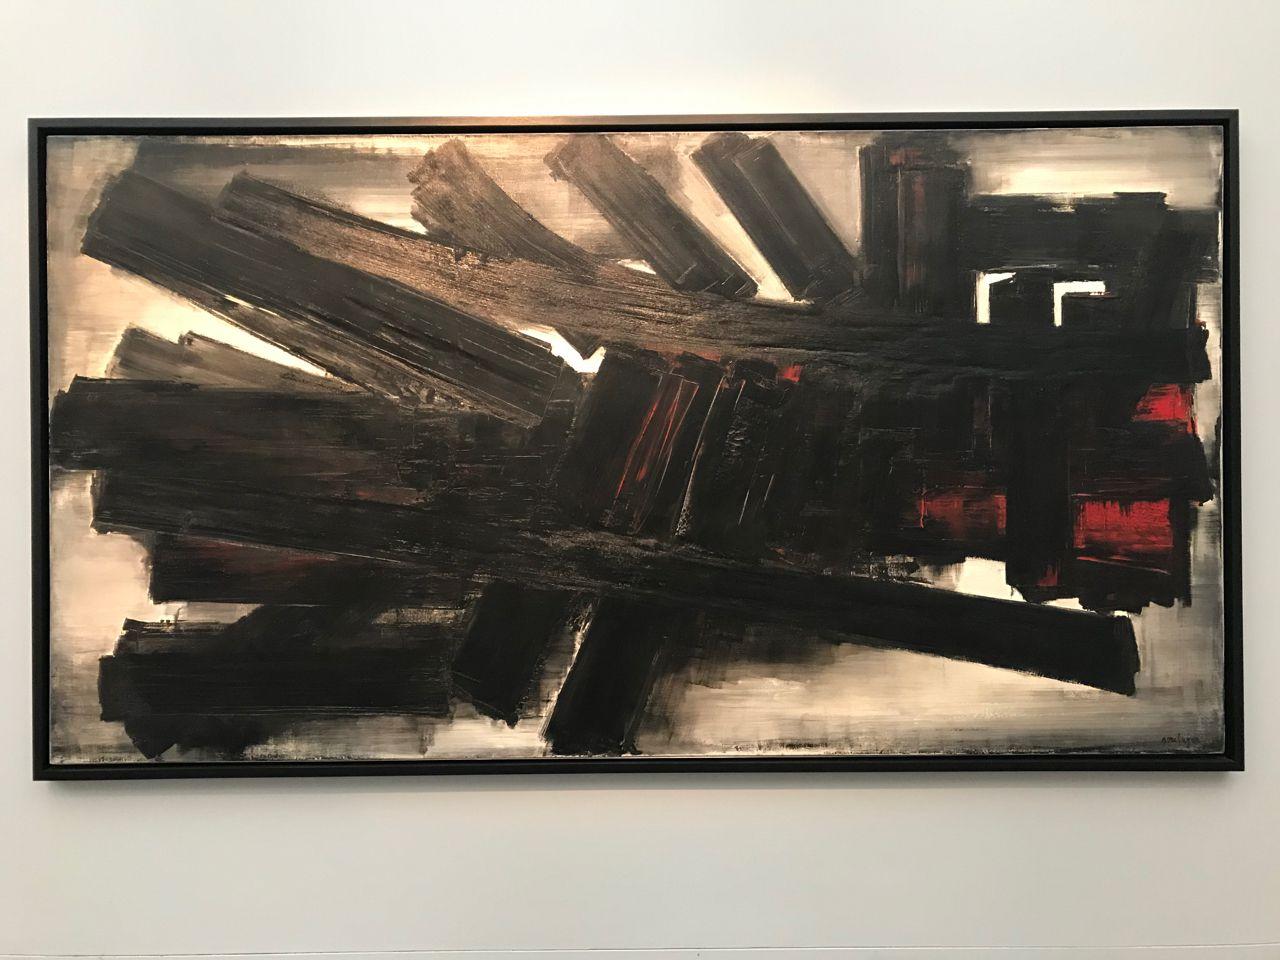 Le Musée Soulages à Rodez : Noir c'est noir, il n'y a plus d'espoir ...